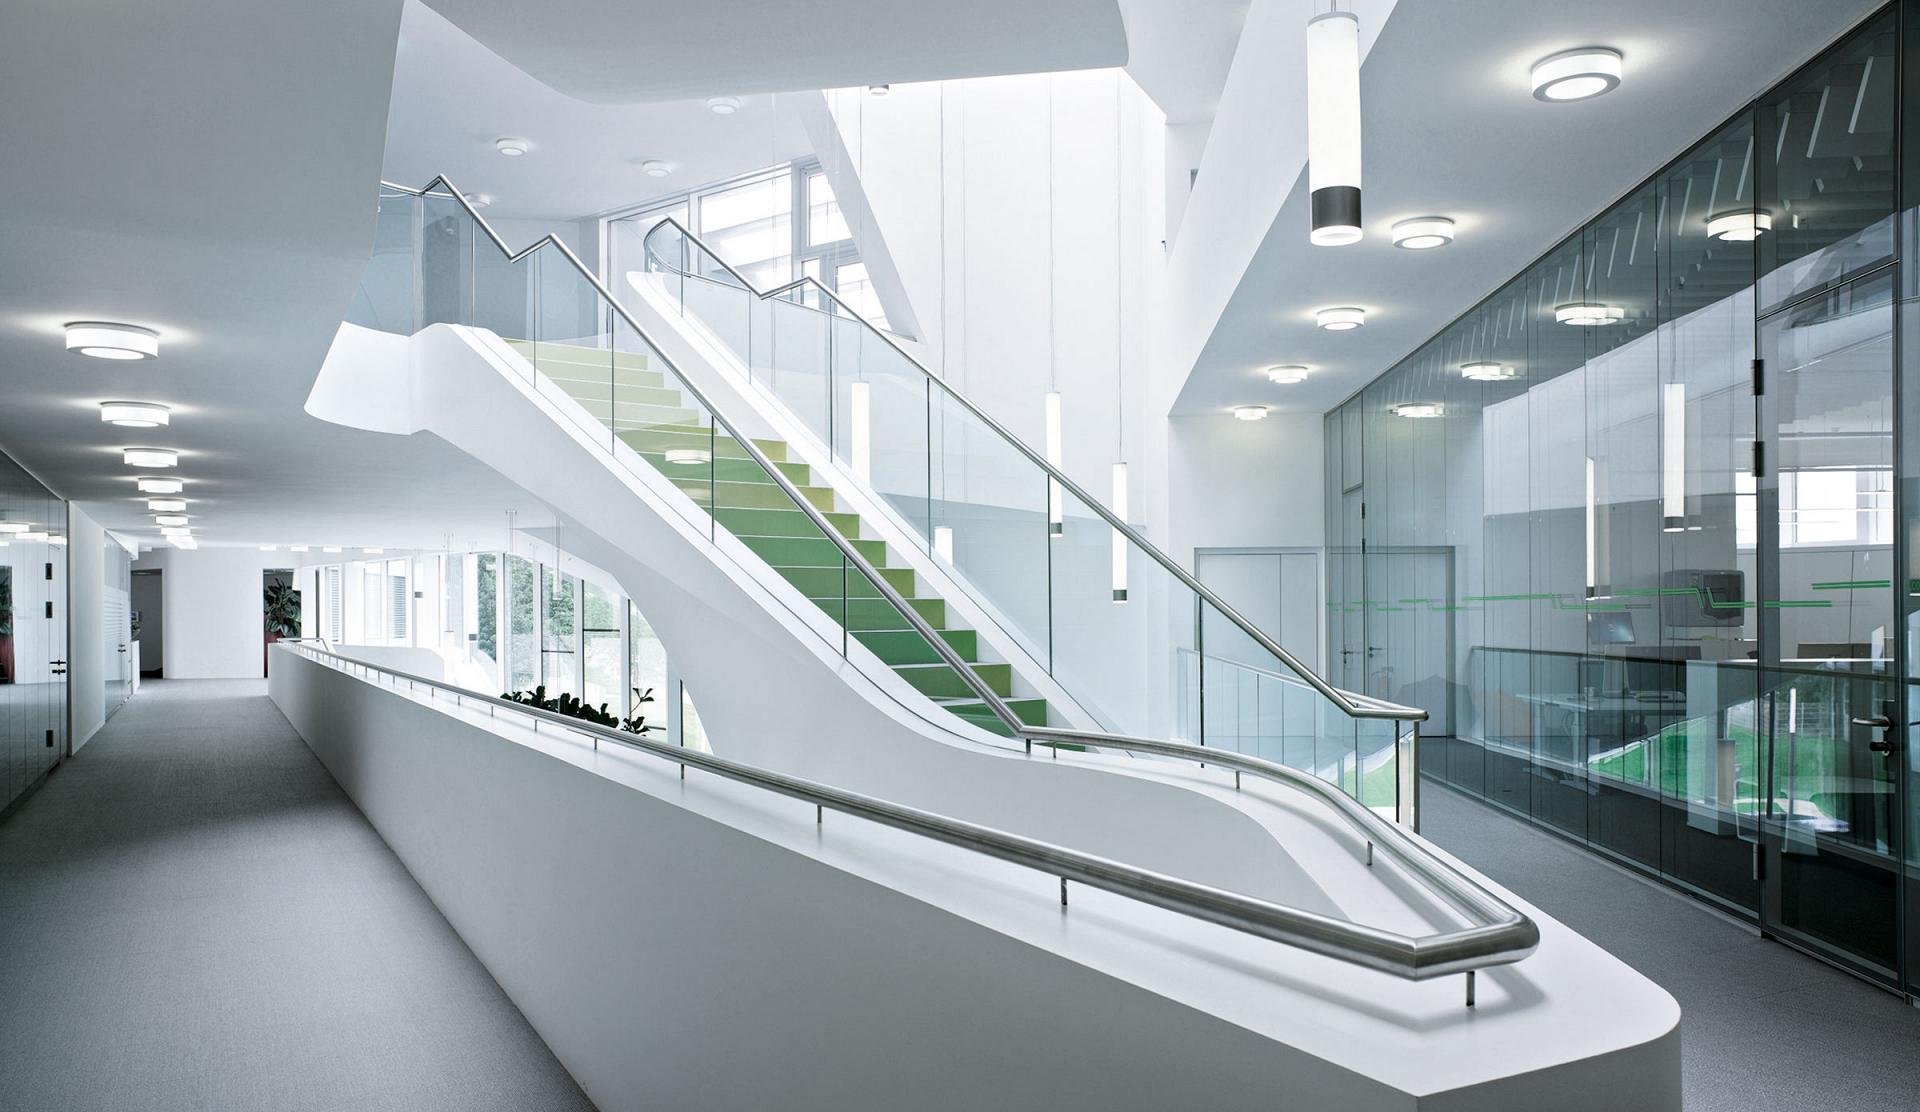 Un buen sistema de iluminación incrementa el valor de las oficinas y viviendas